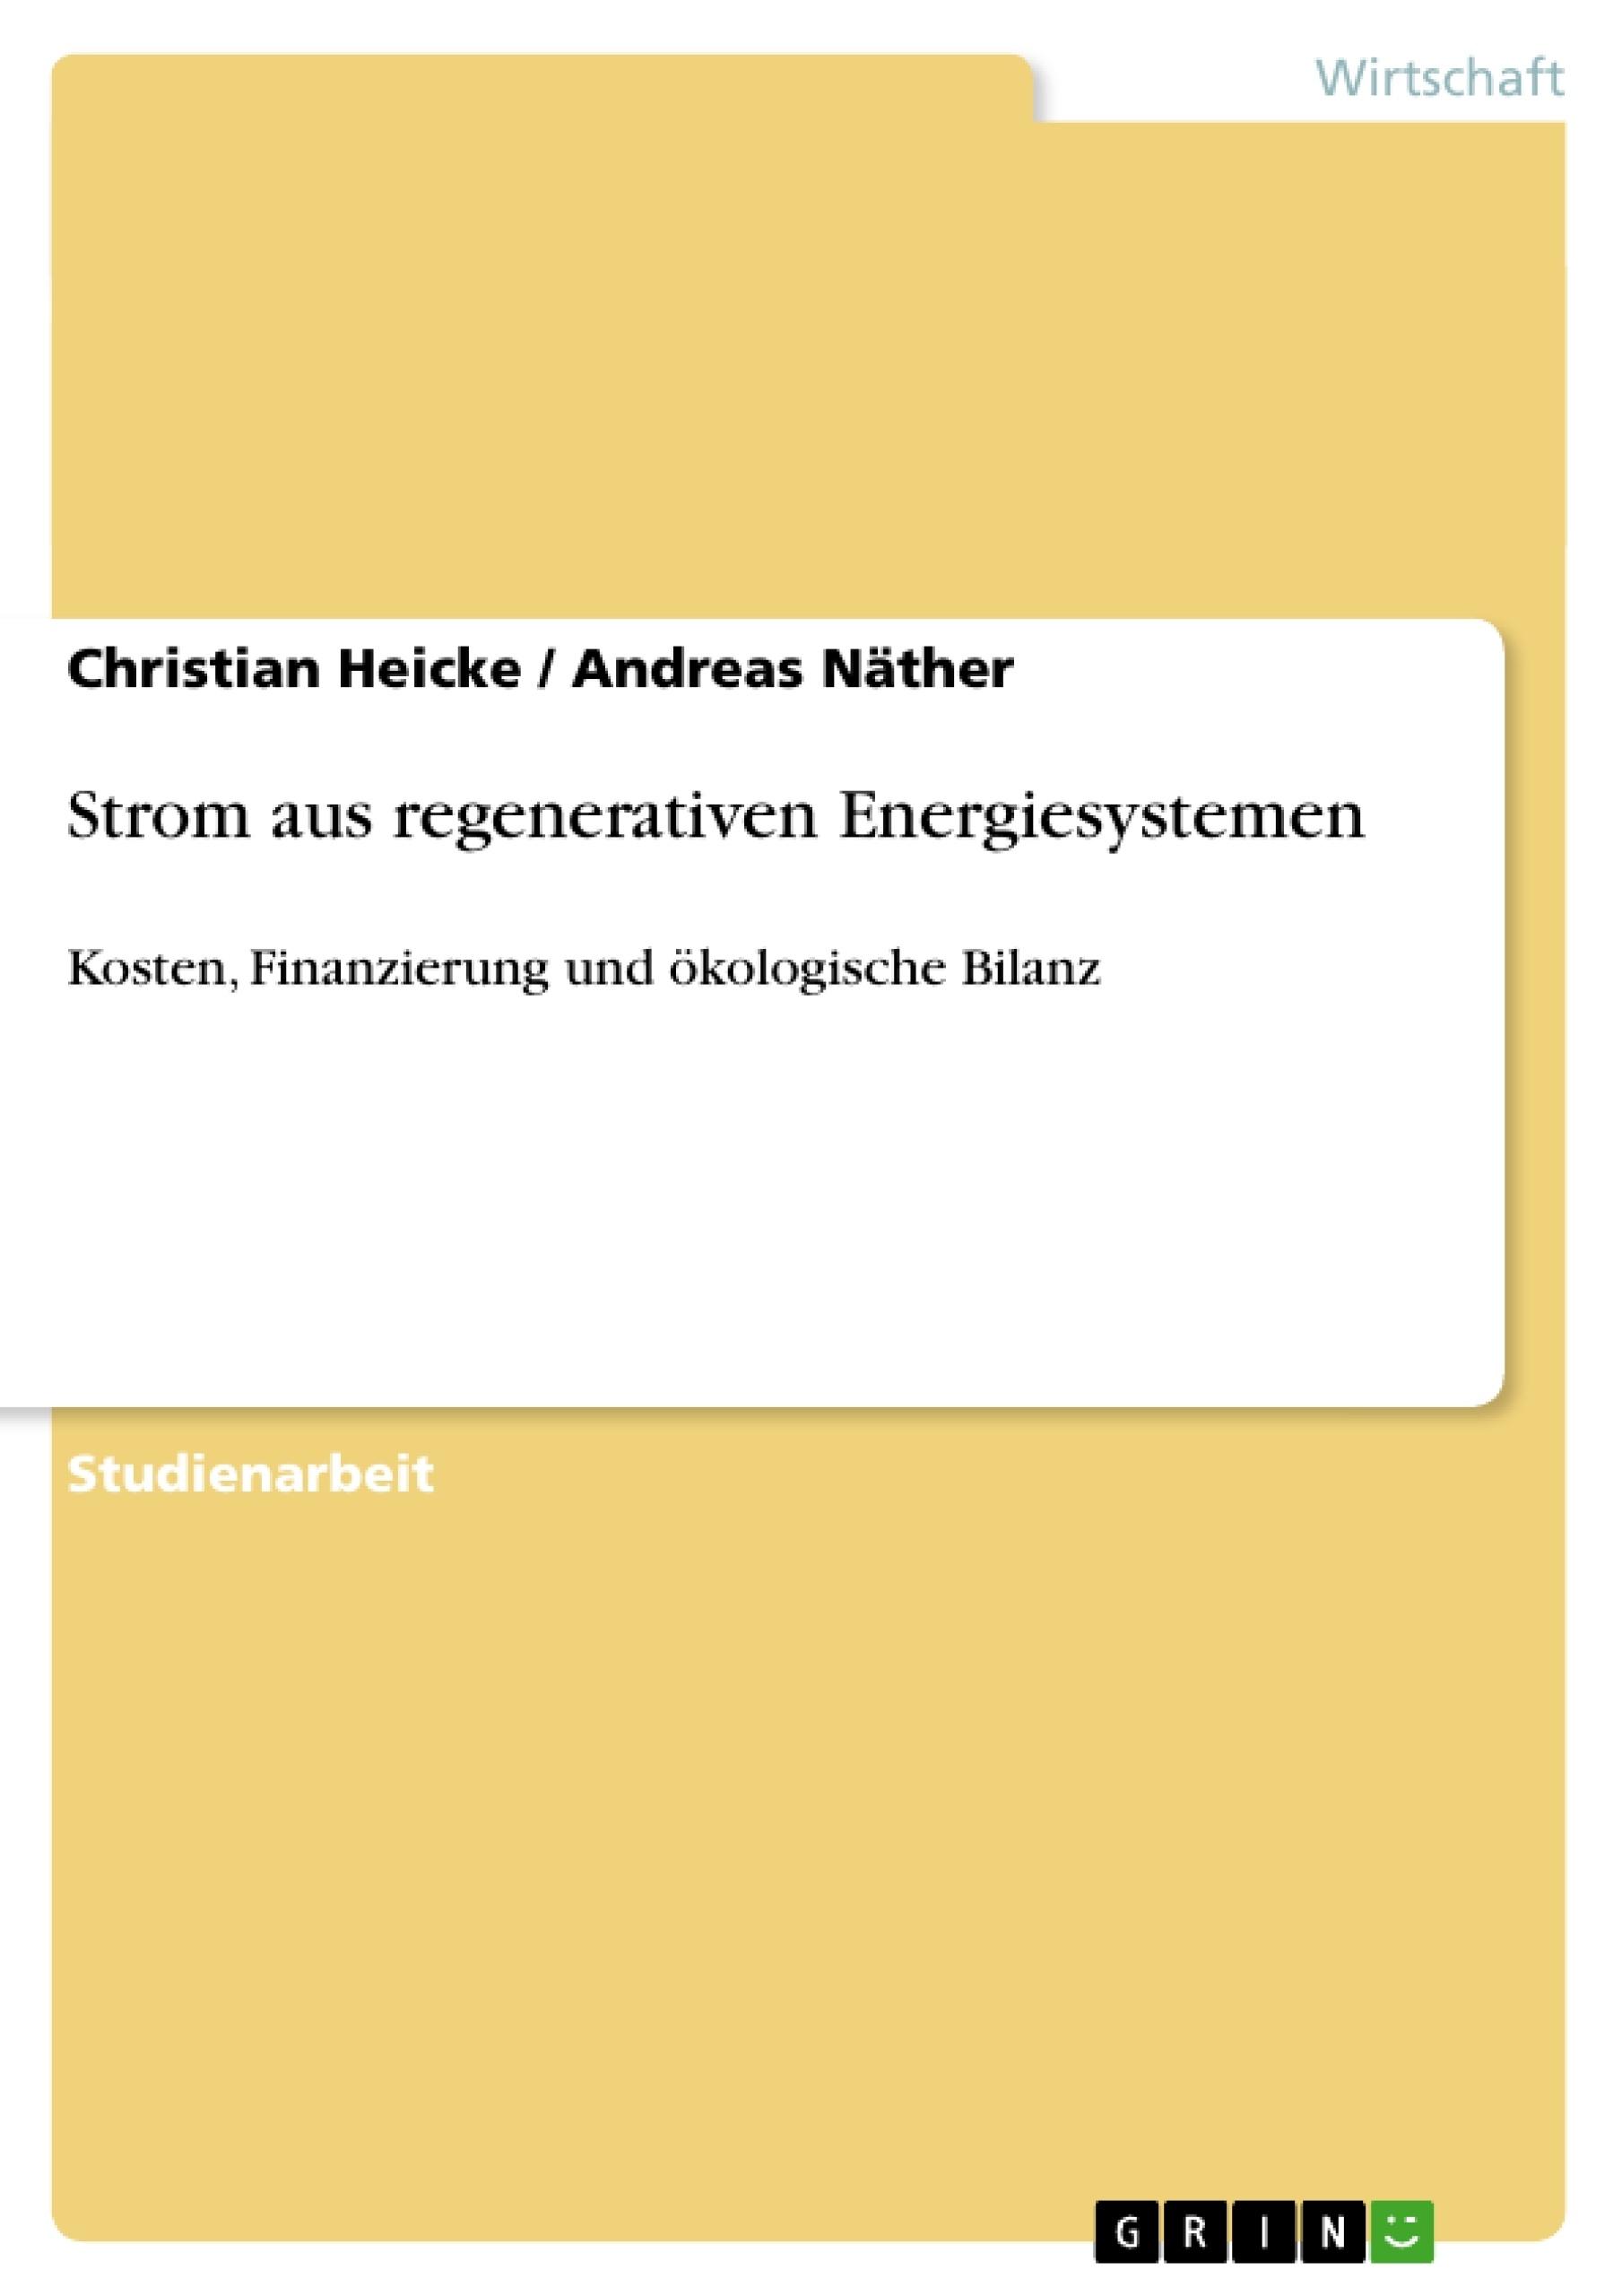 Titel: Strom aus regenerativen Energiesystemen